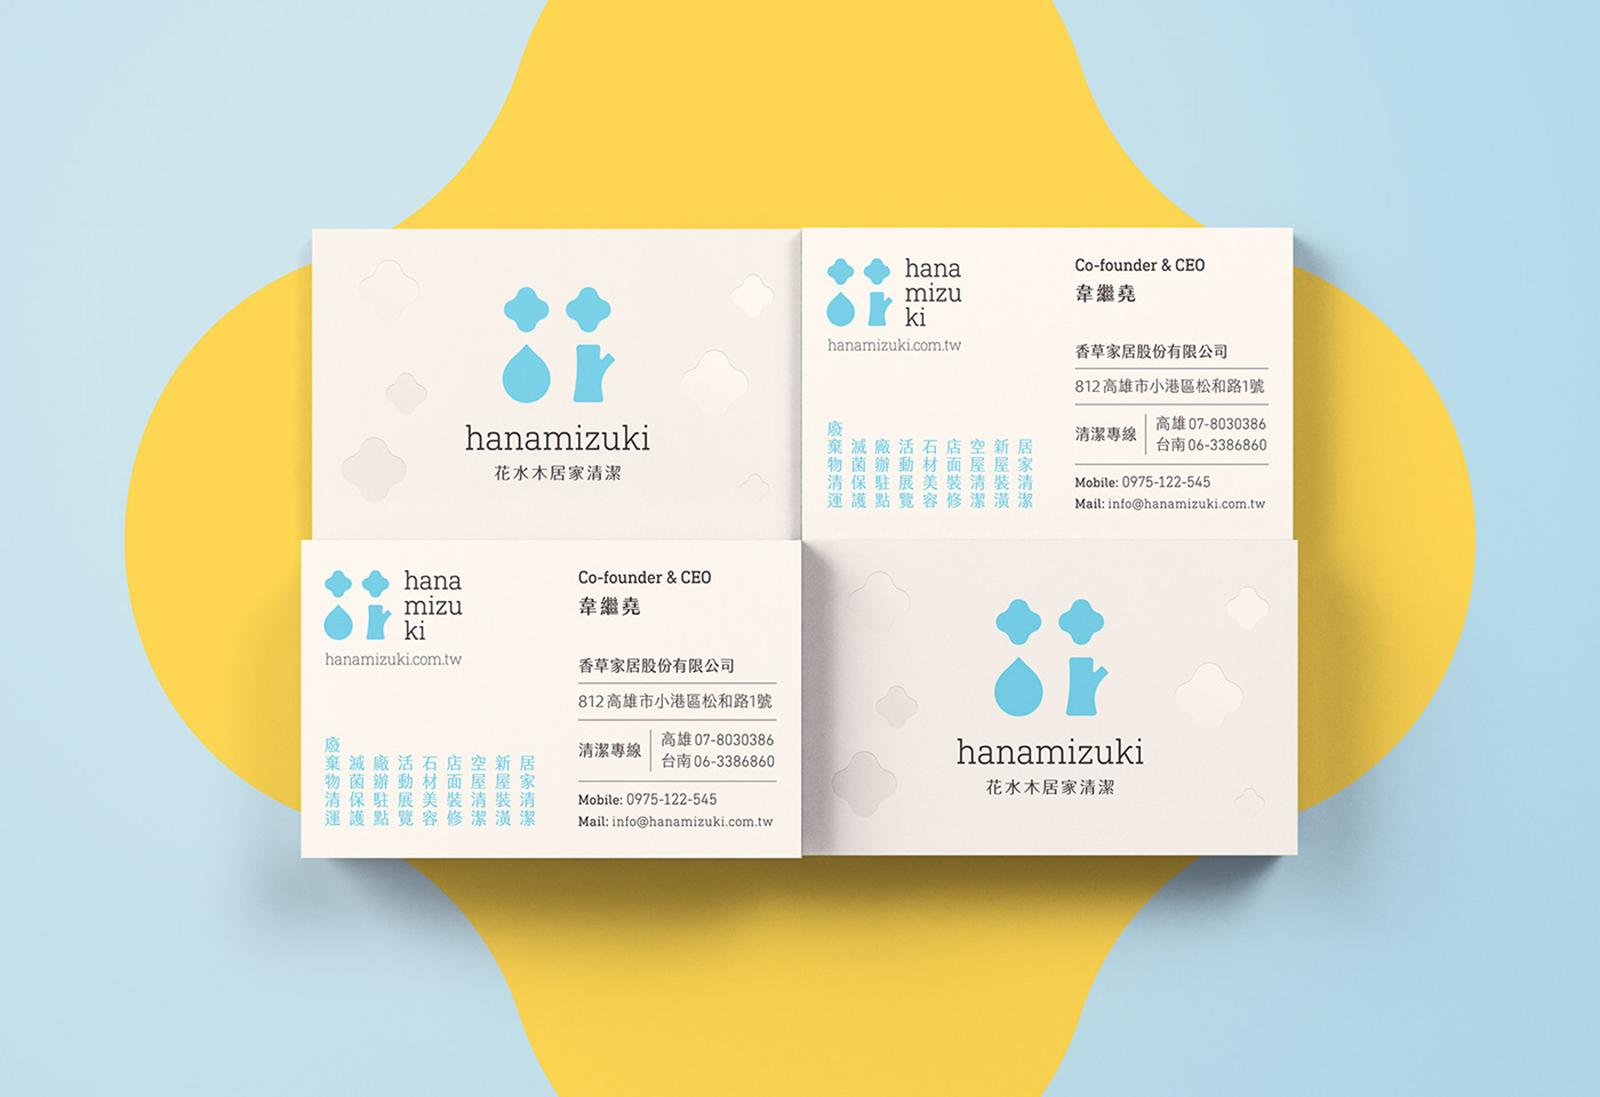 花水木居家清洁用品品牌形象设计欣赏-深圳VI设计12